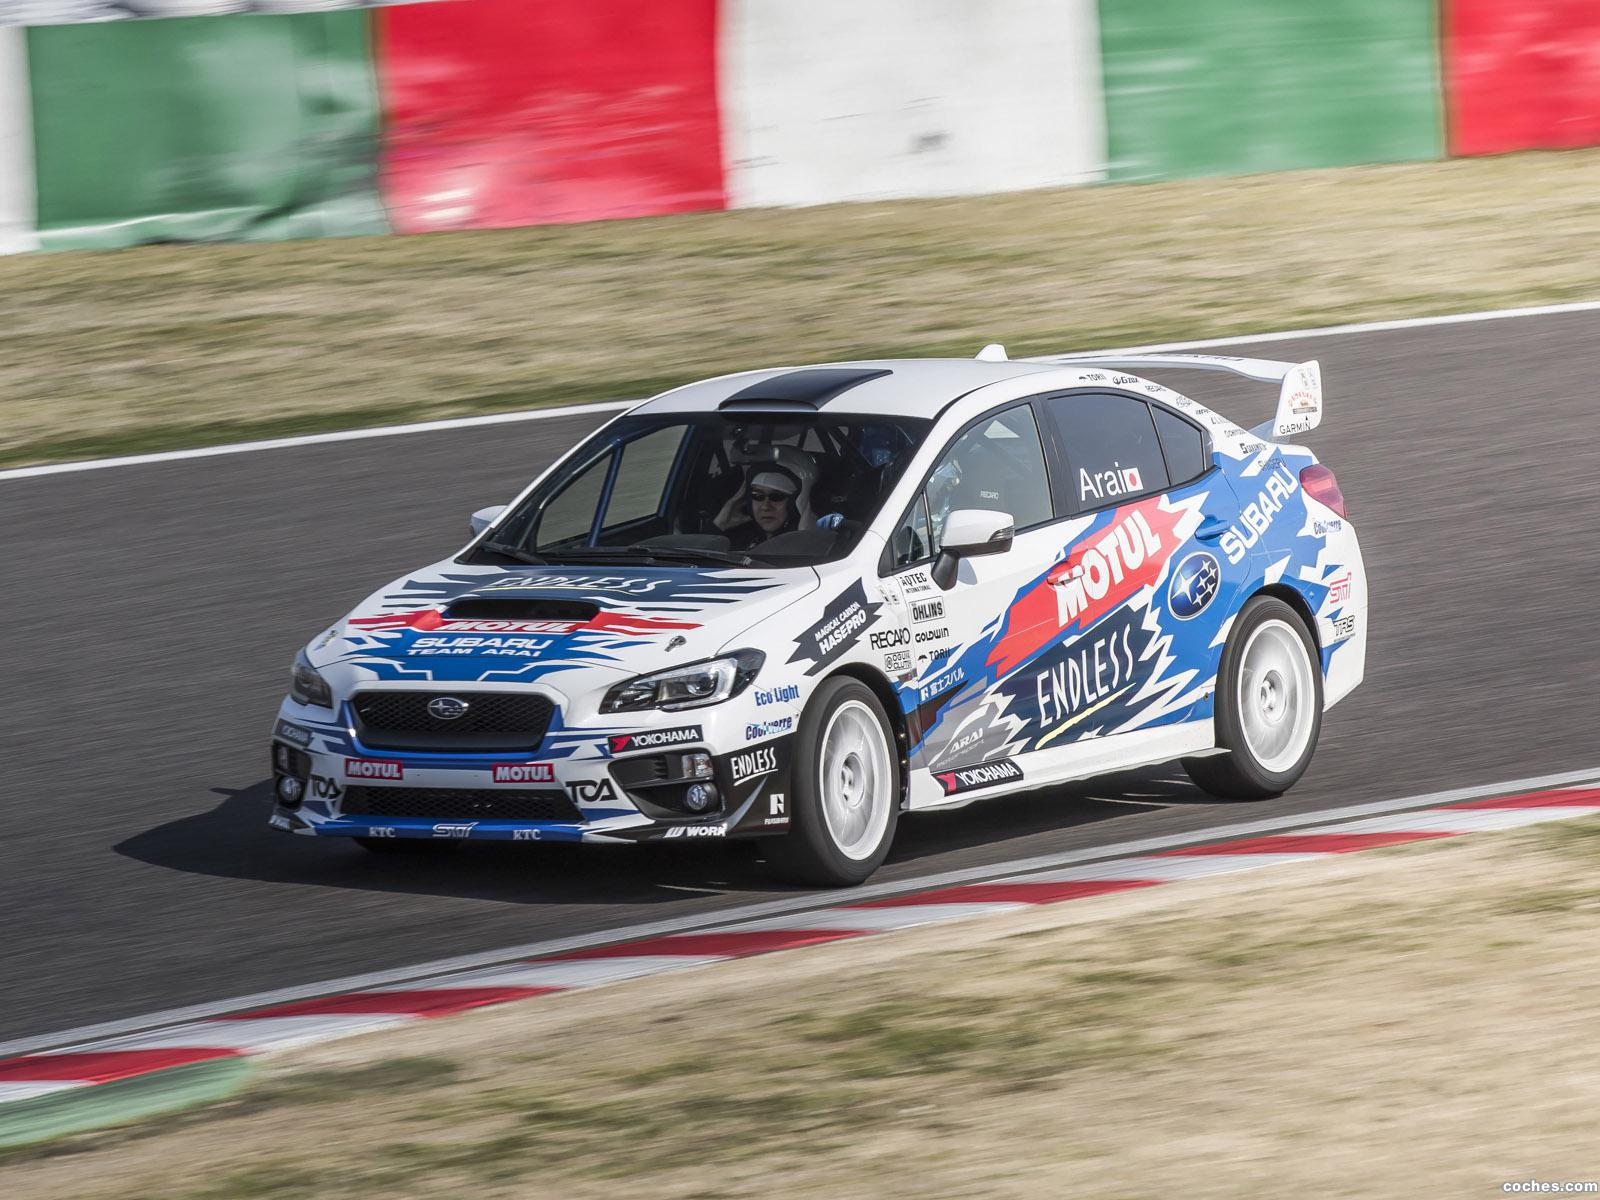 subaru_wrx-sti-rally-car-2015_r9.jpg